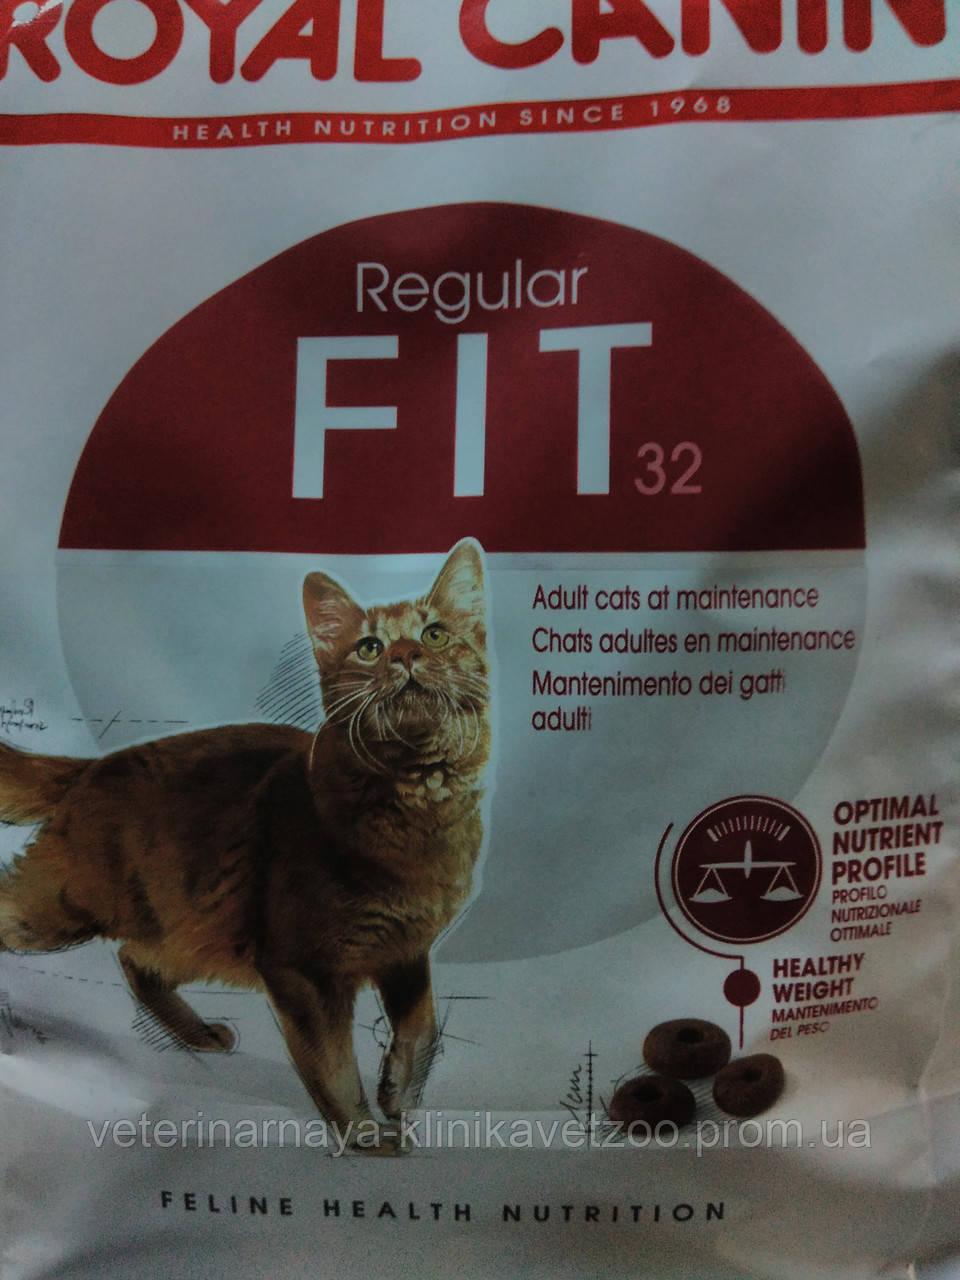 Royal Canin(Fit)полноценный сухой корм для взрослых кошек от 1 до 7лет  400г